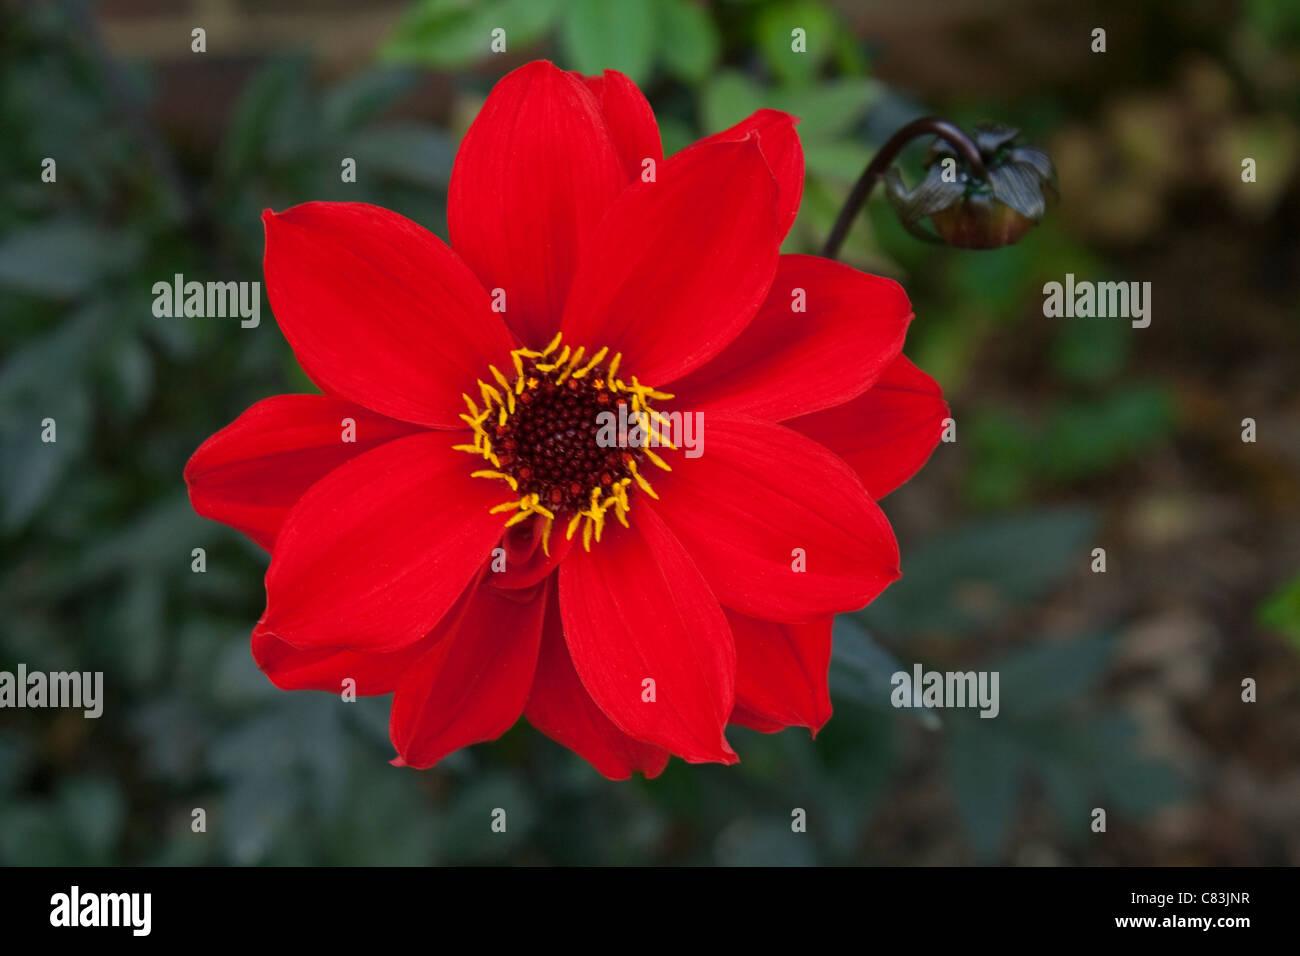 Dahlia Rouge Avec Feuillage Marron Une Tres Belle Fleur De Taille